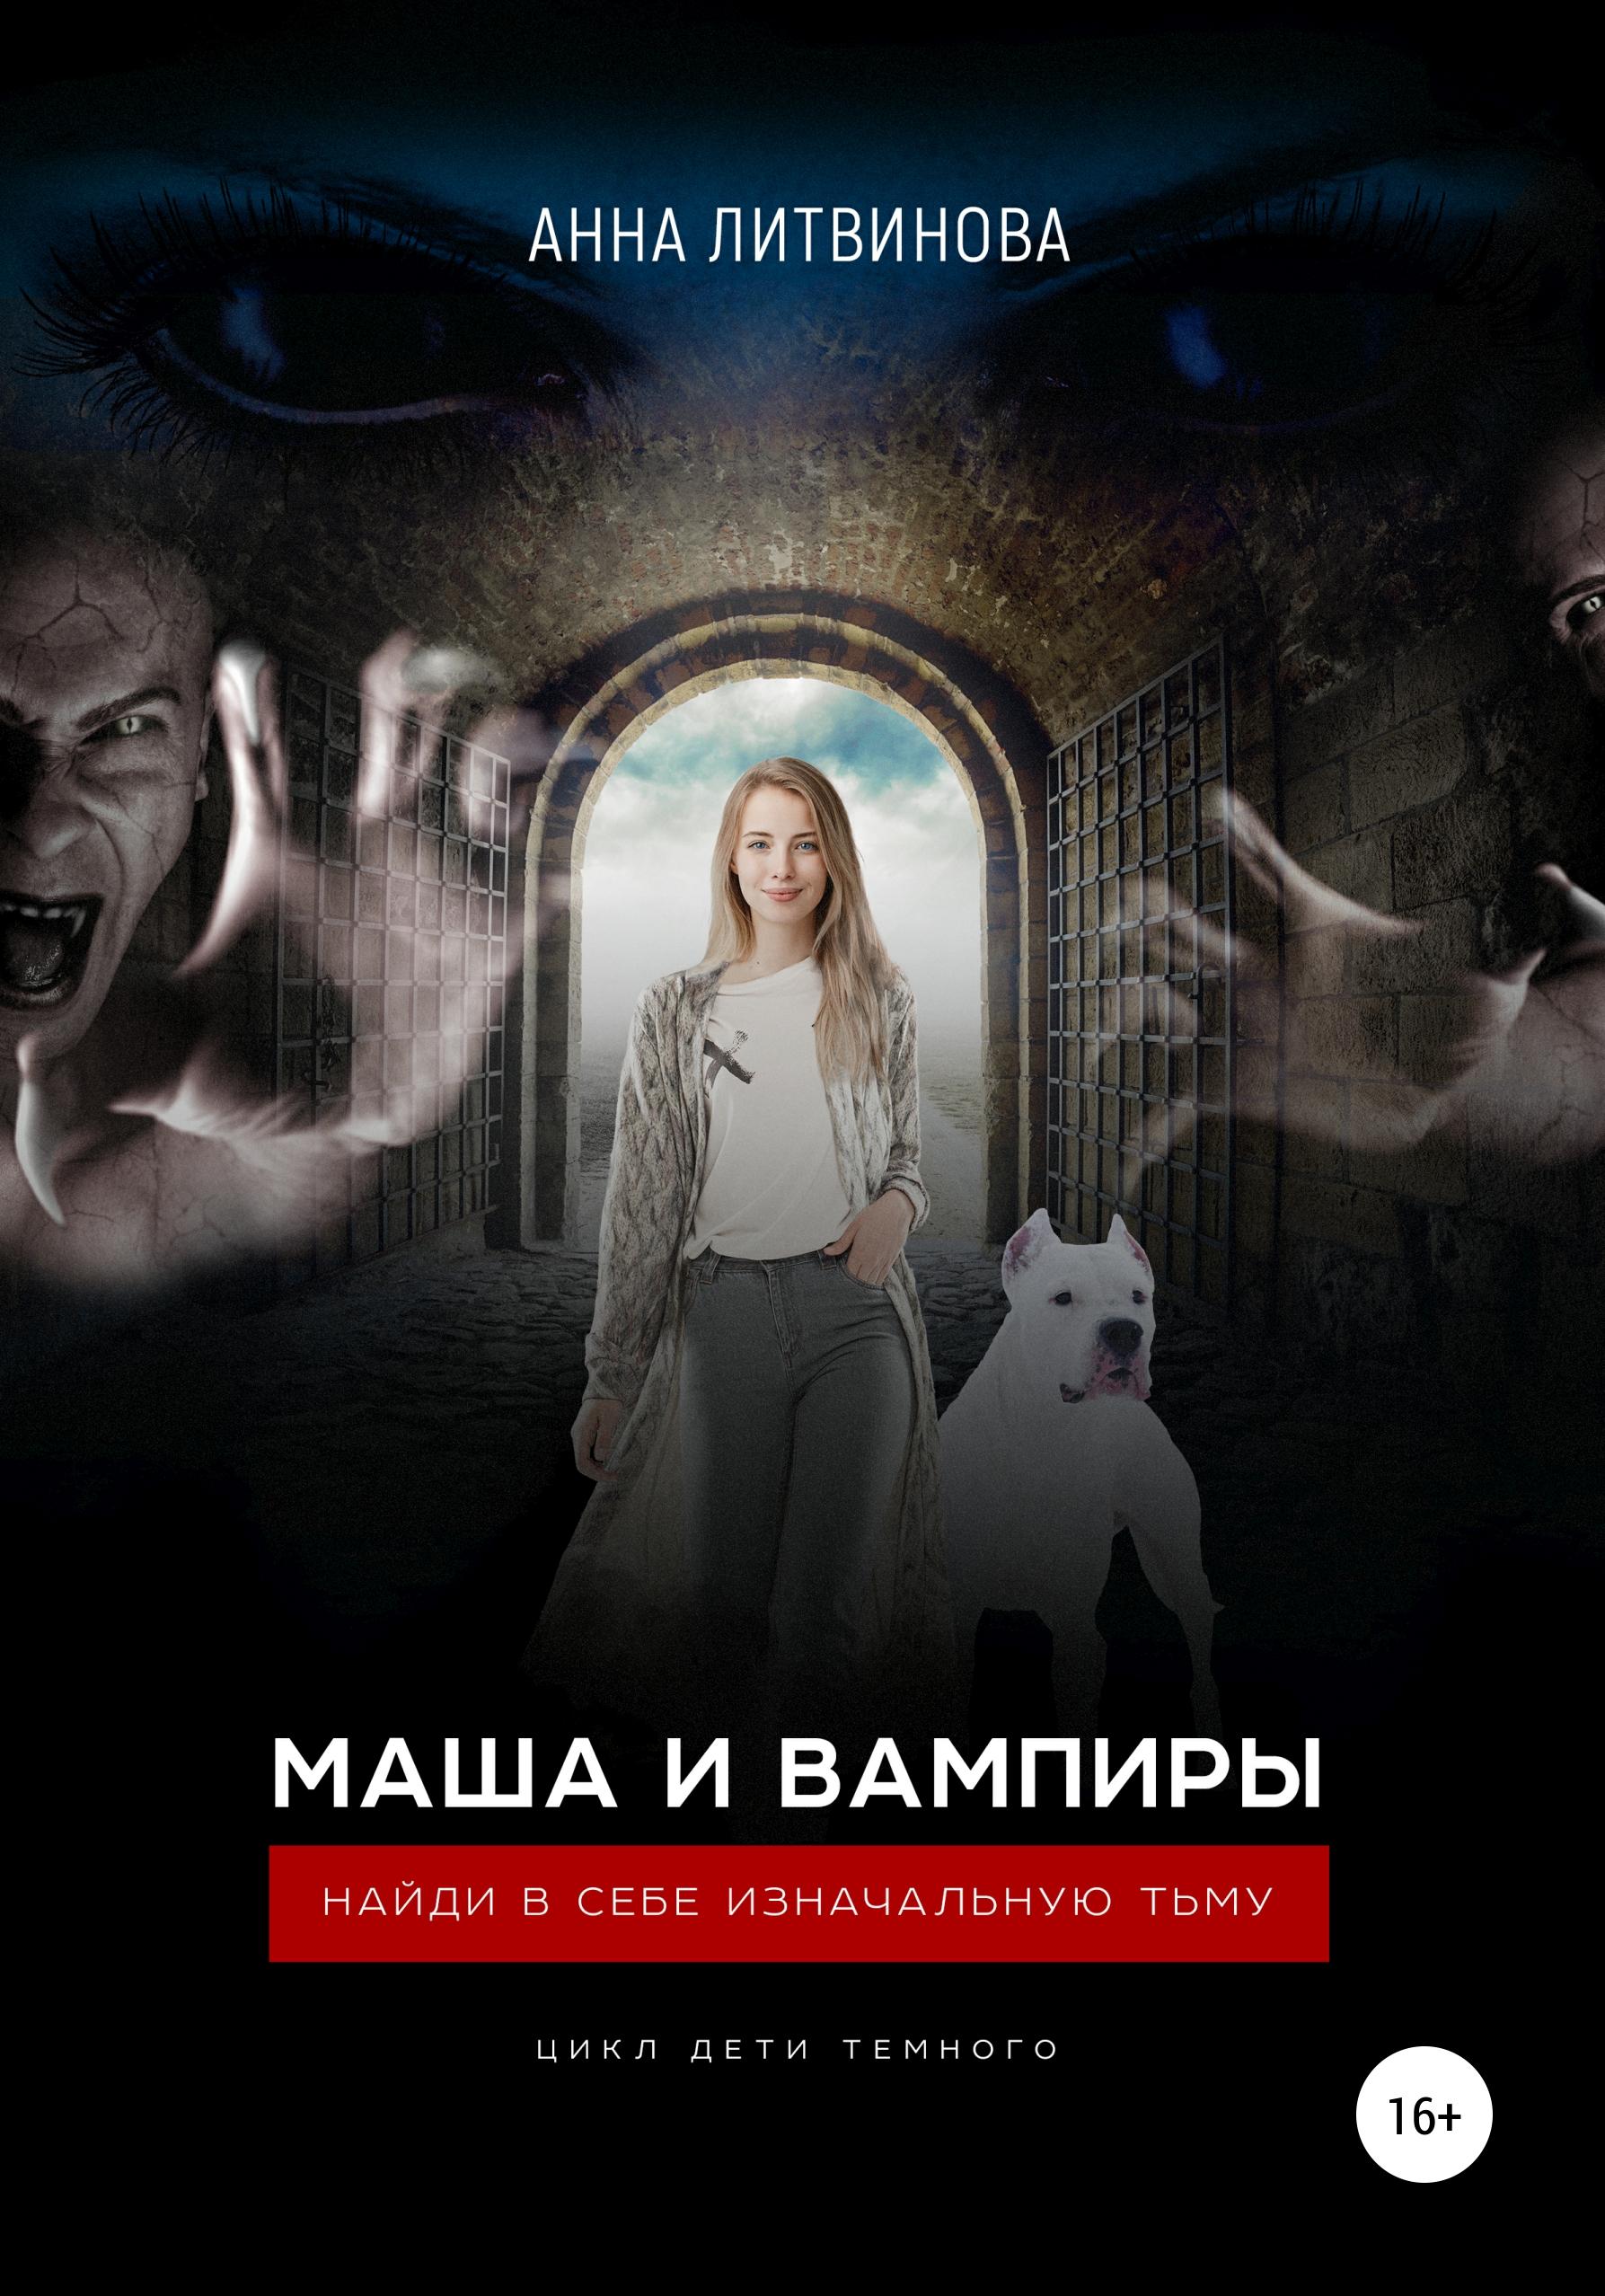 Маша и вампиры